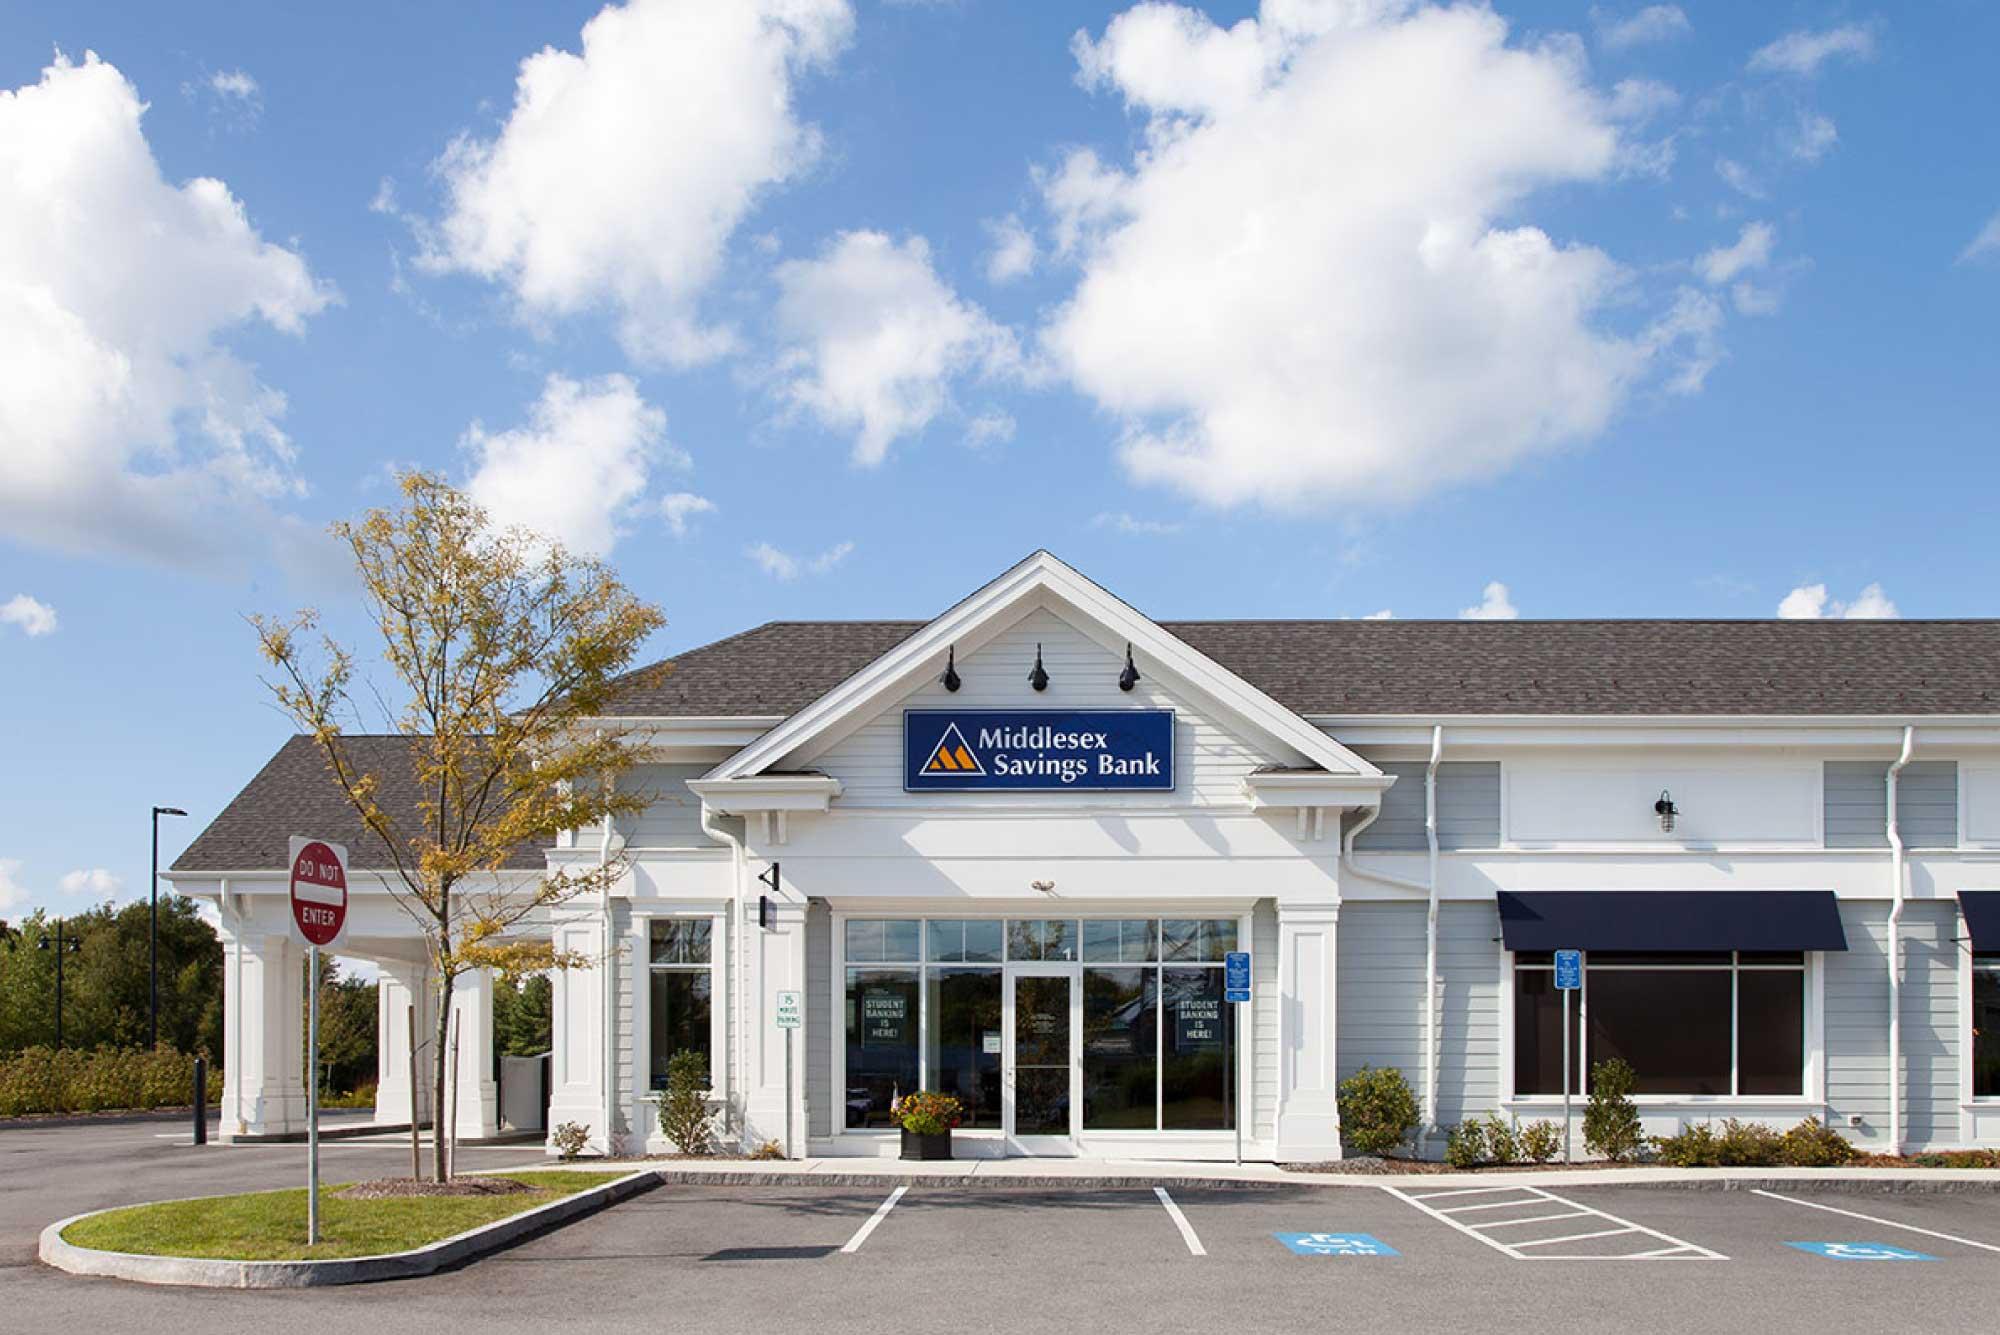 Middlesex-Savings-Bank_11